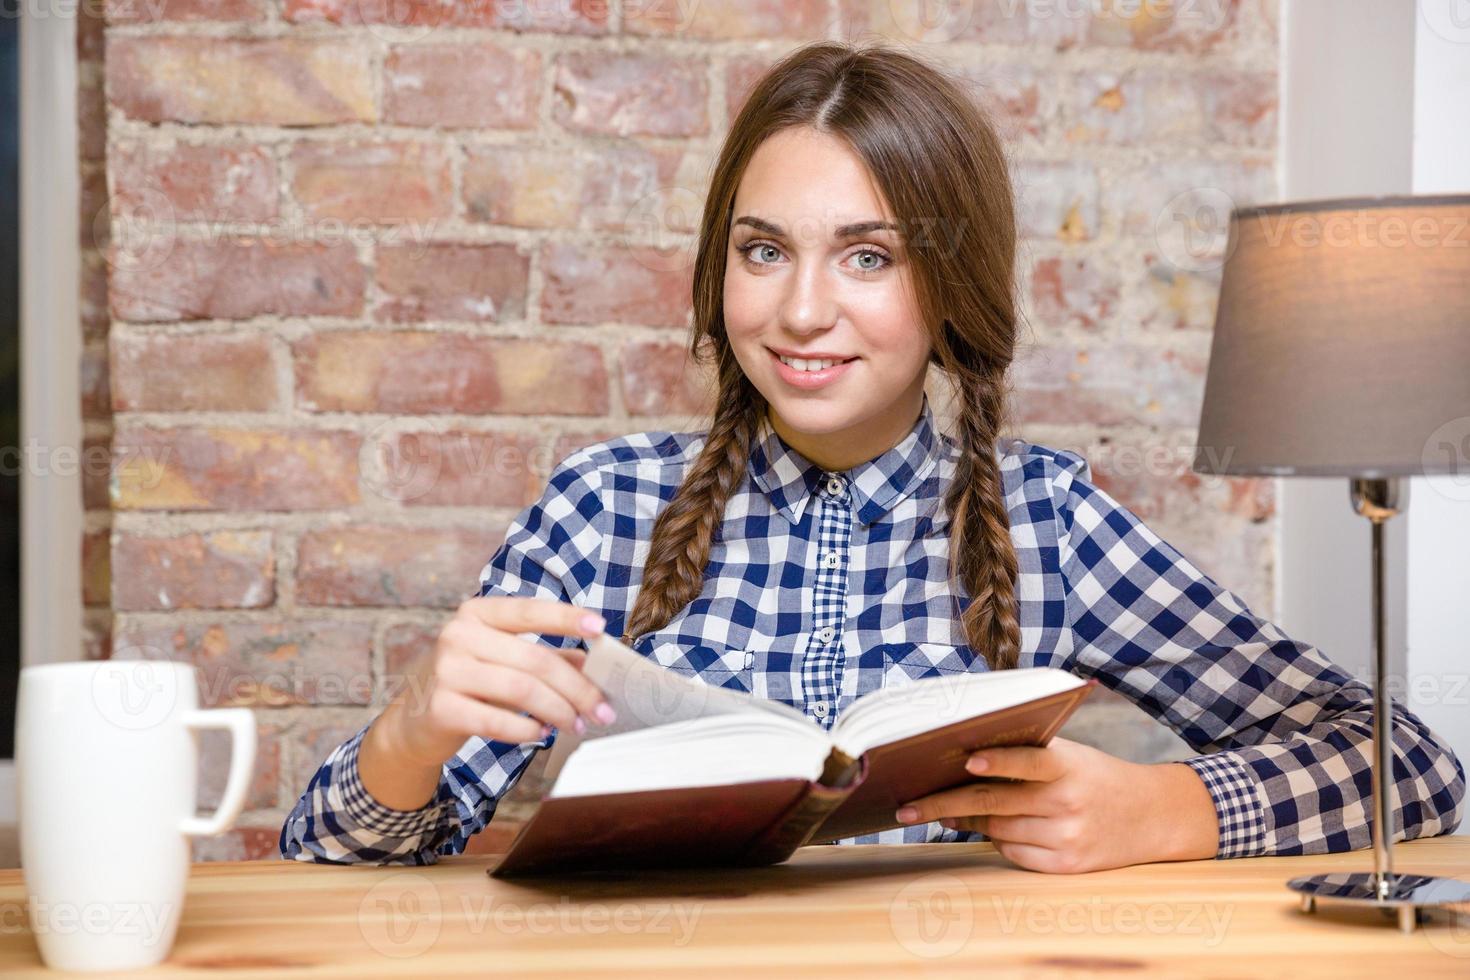 lächelnde Frau, die mit Buch am Tisch sitzt foto